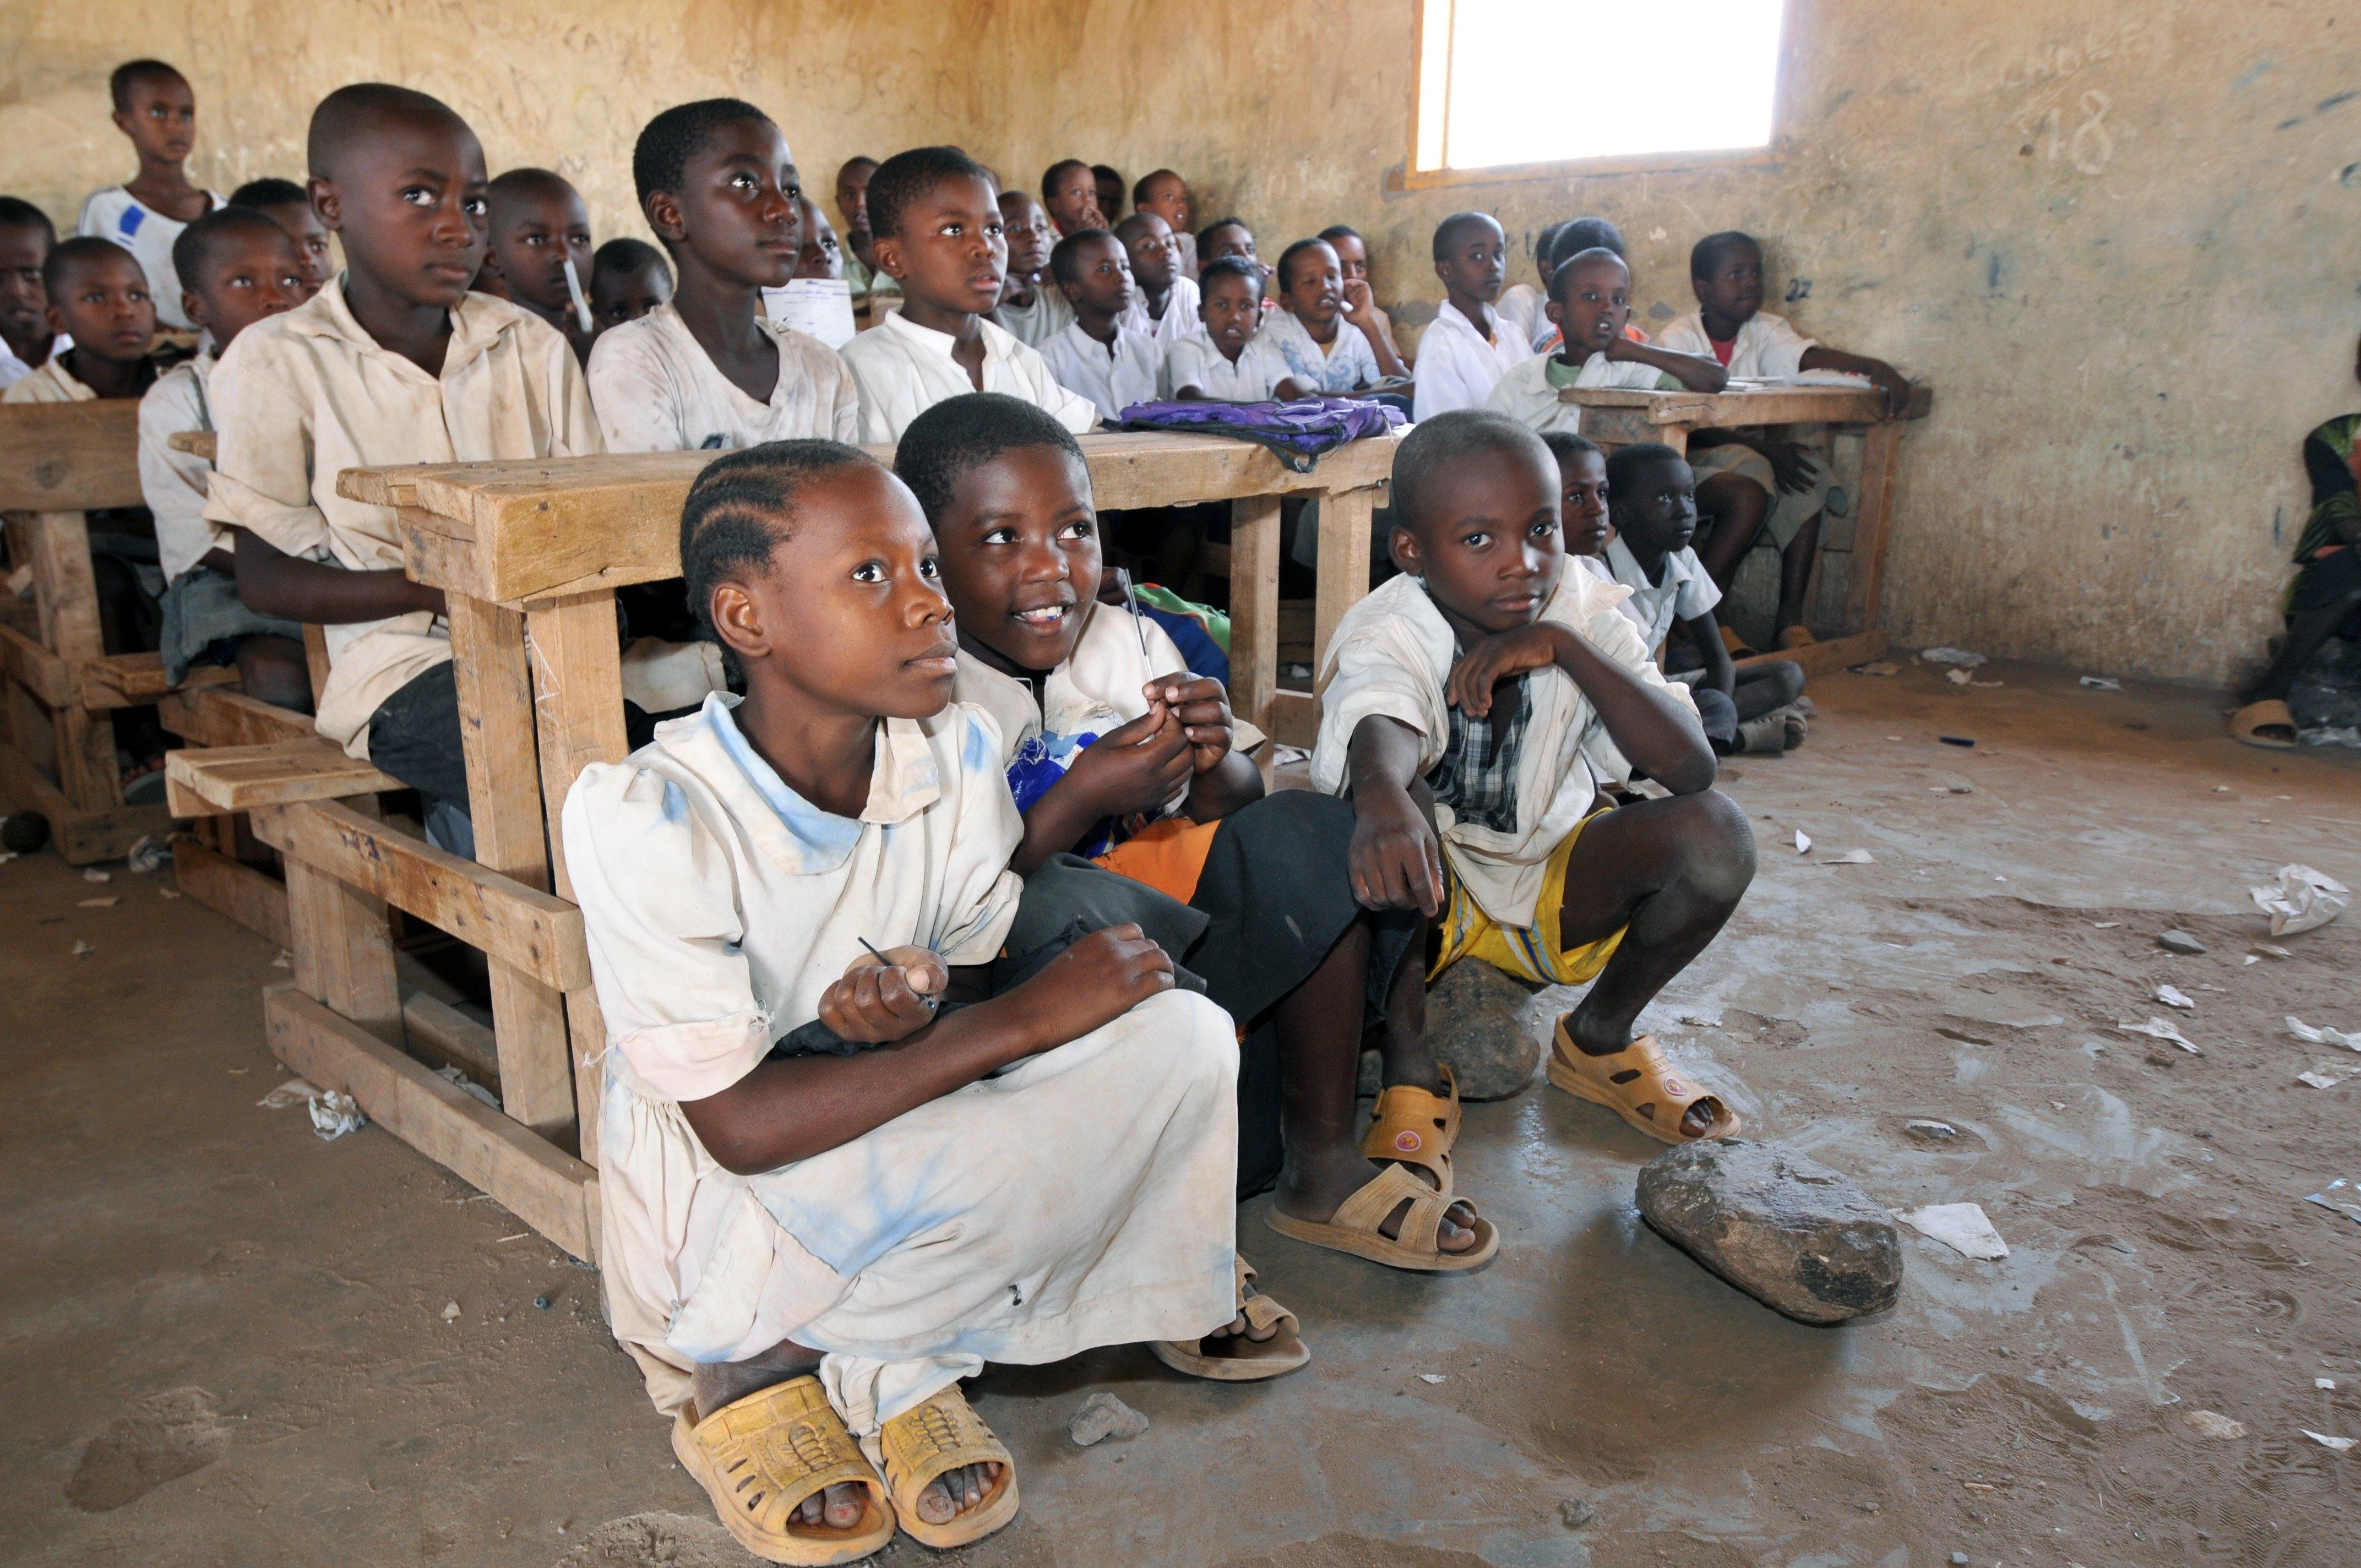 Sudão omite ensino do cristianismo e deixa apenas islamismo em cronograma escolar